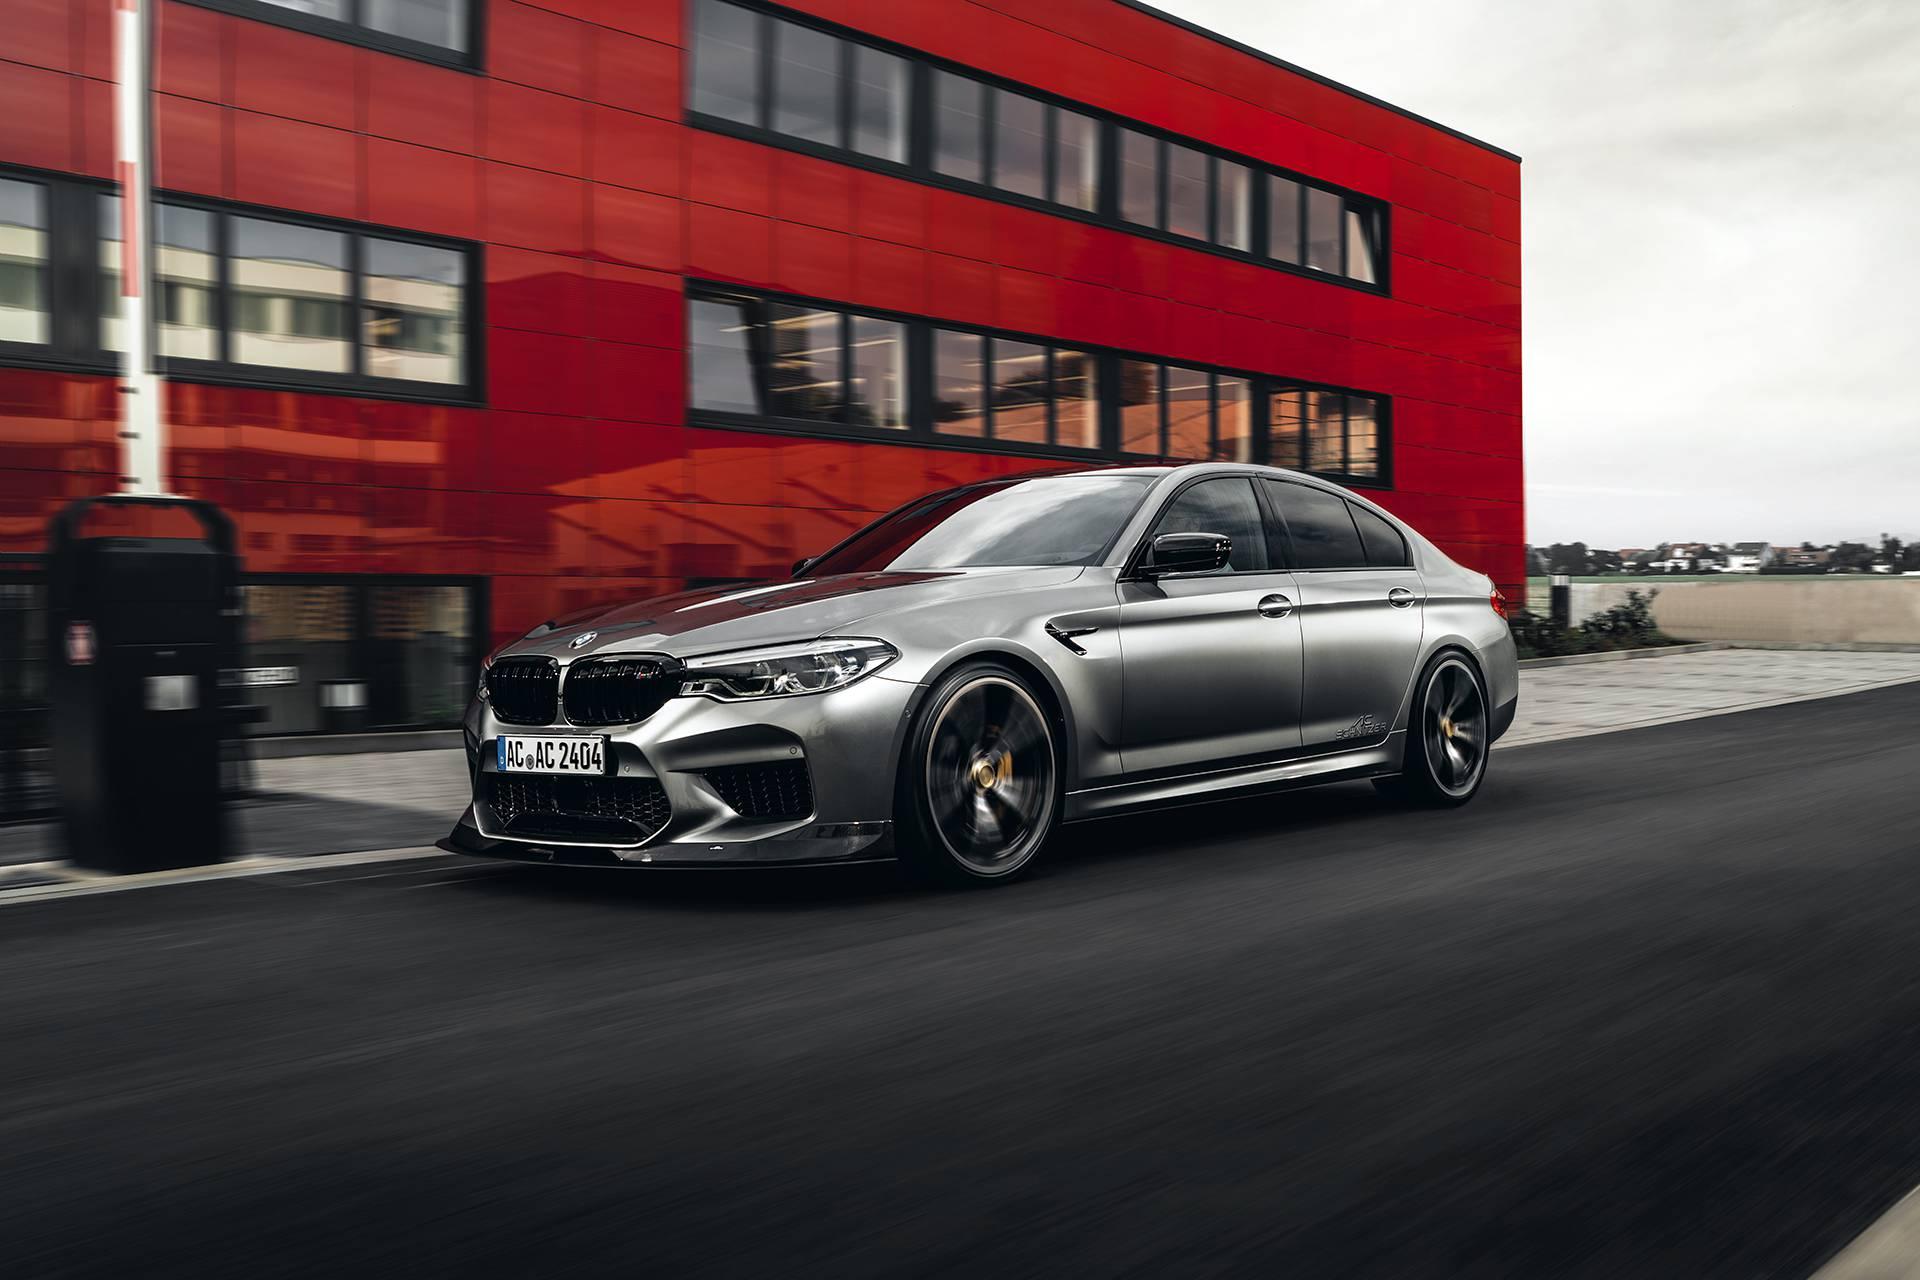 После серии анонсов тюнинг-мастерская AC Schnitzer (Германия), наконец, представила финишный вариант программы персонализации BMW M5